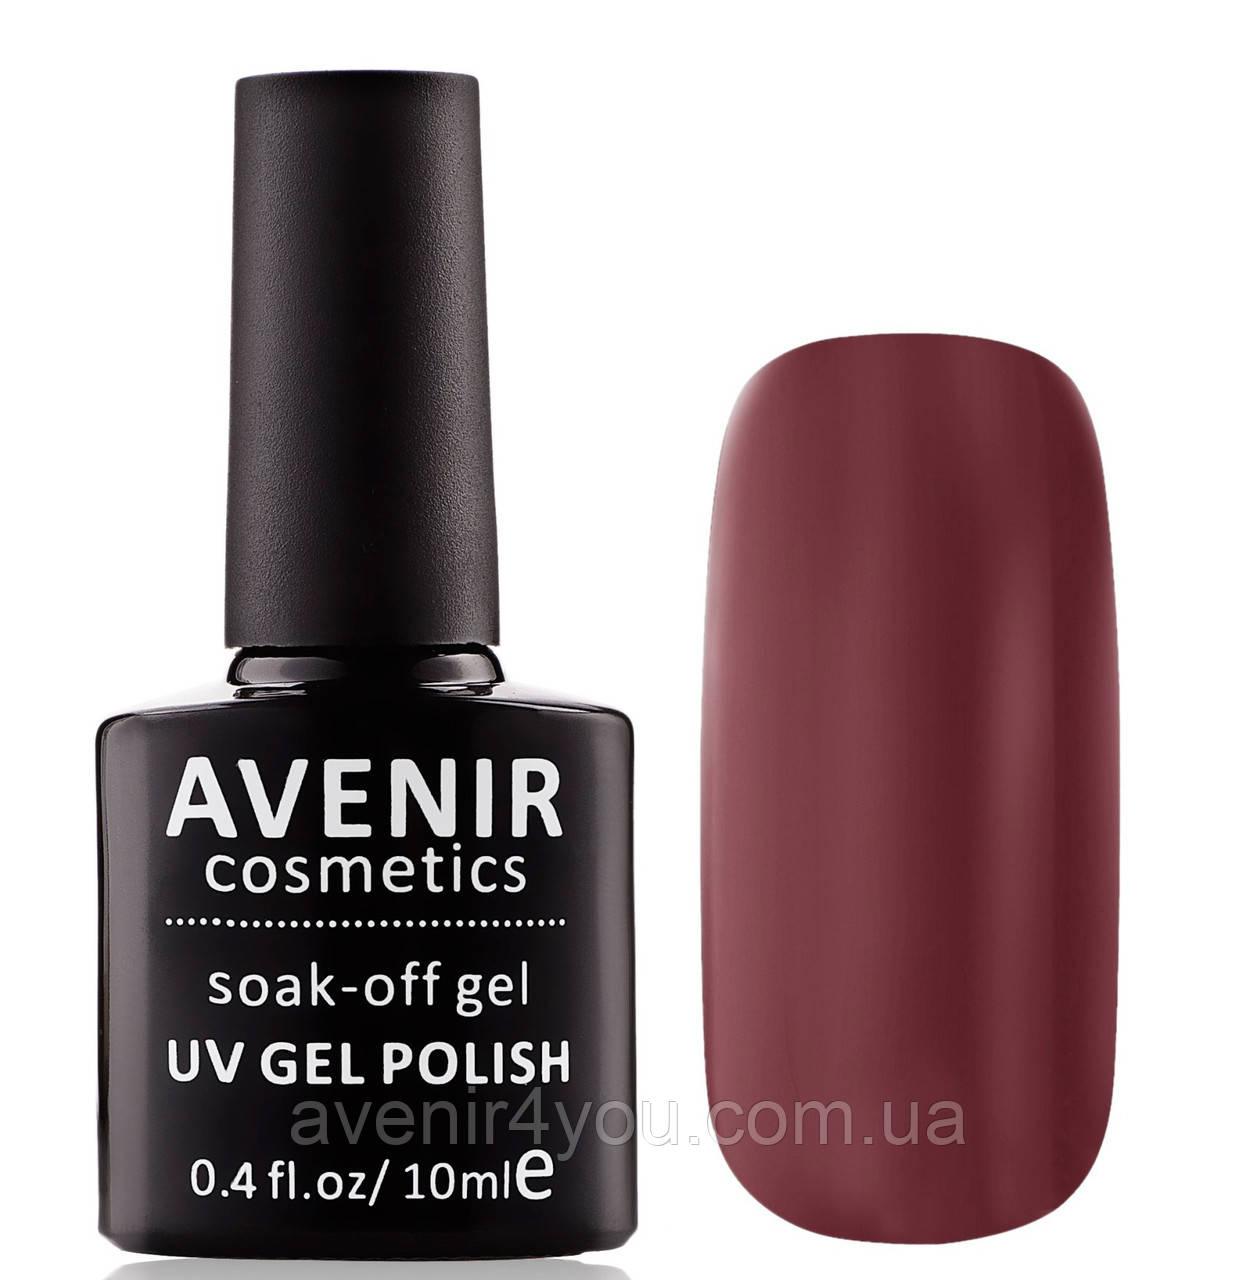 Гель-лак AVENIR Cosmetics № 208 Гранатовый мусс